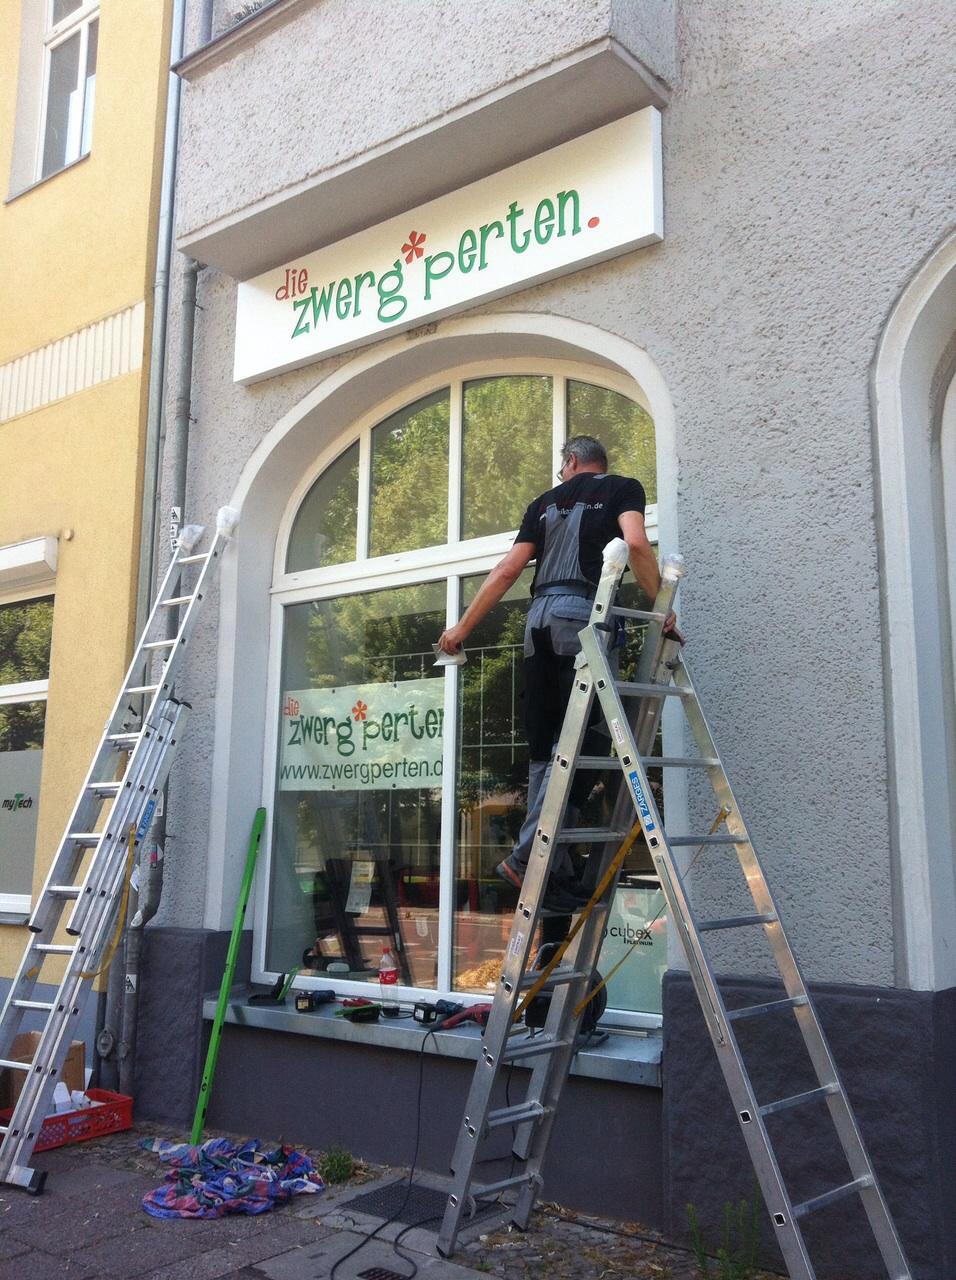 zp_aussenwerbung-berlin-aufbau